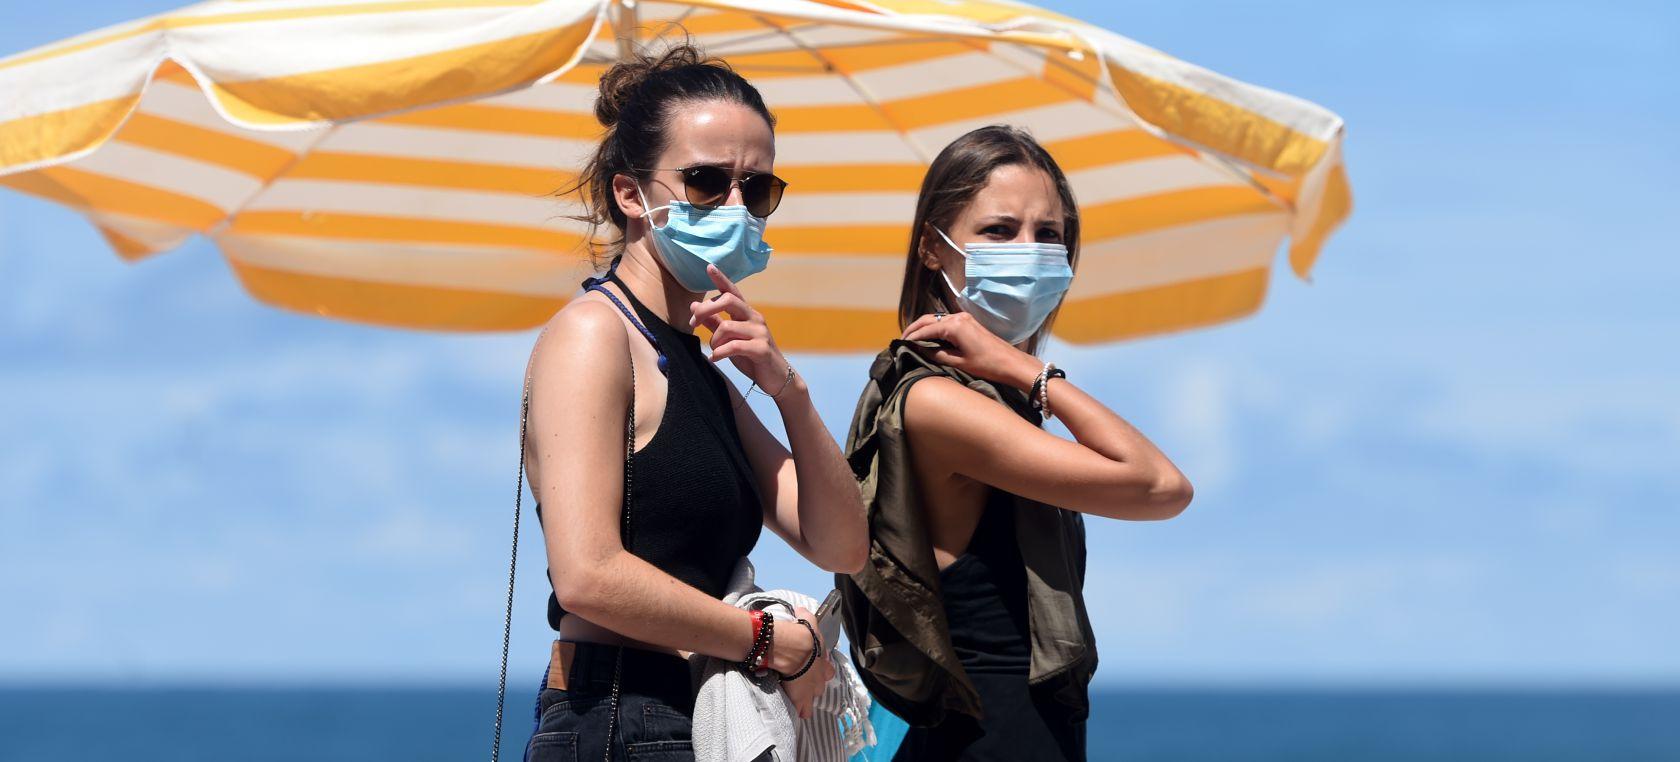 Una nueva norma del BOE endurece el uso de mascarilla en la playa |  Actualidad | LOS40